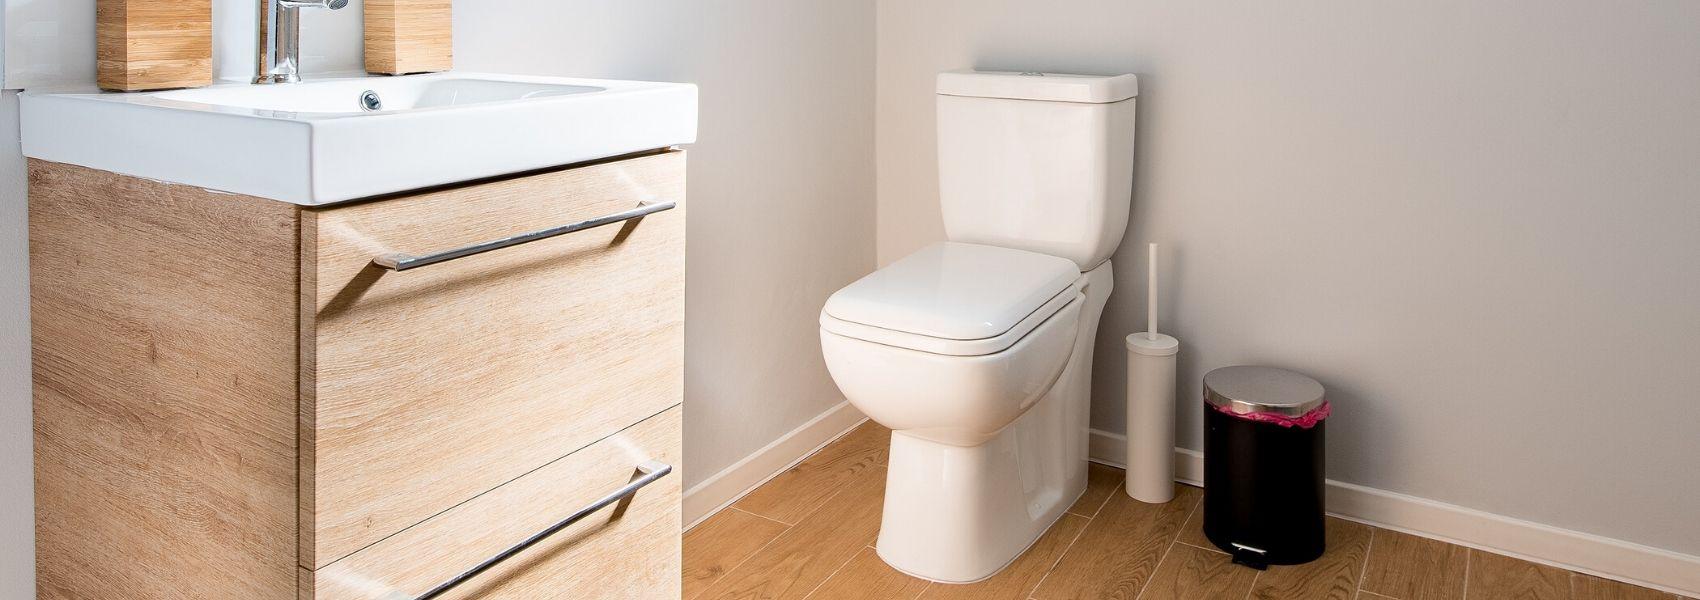 Na Europa, há 31 milhões ainda sem acesso ao saneamento básico